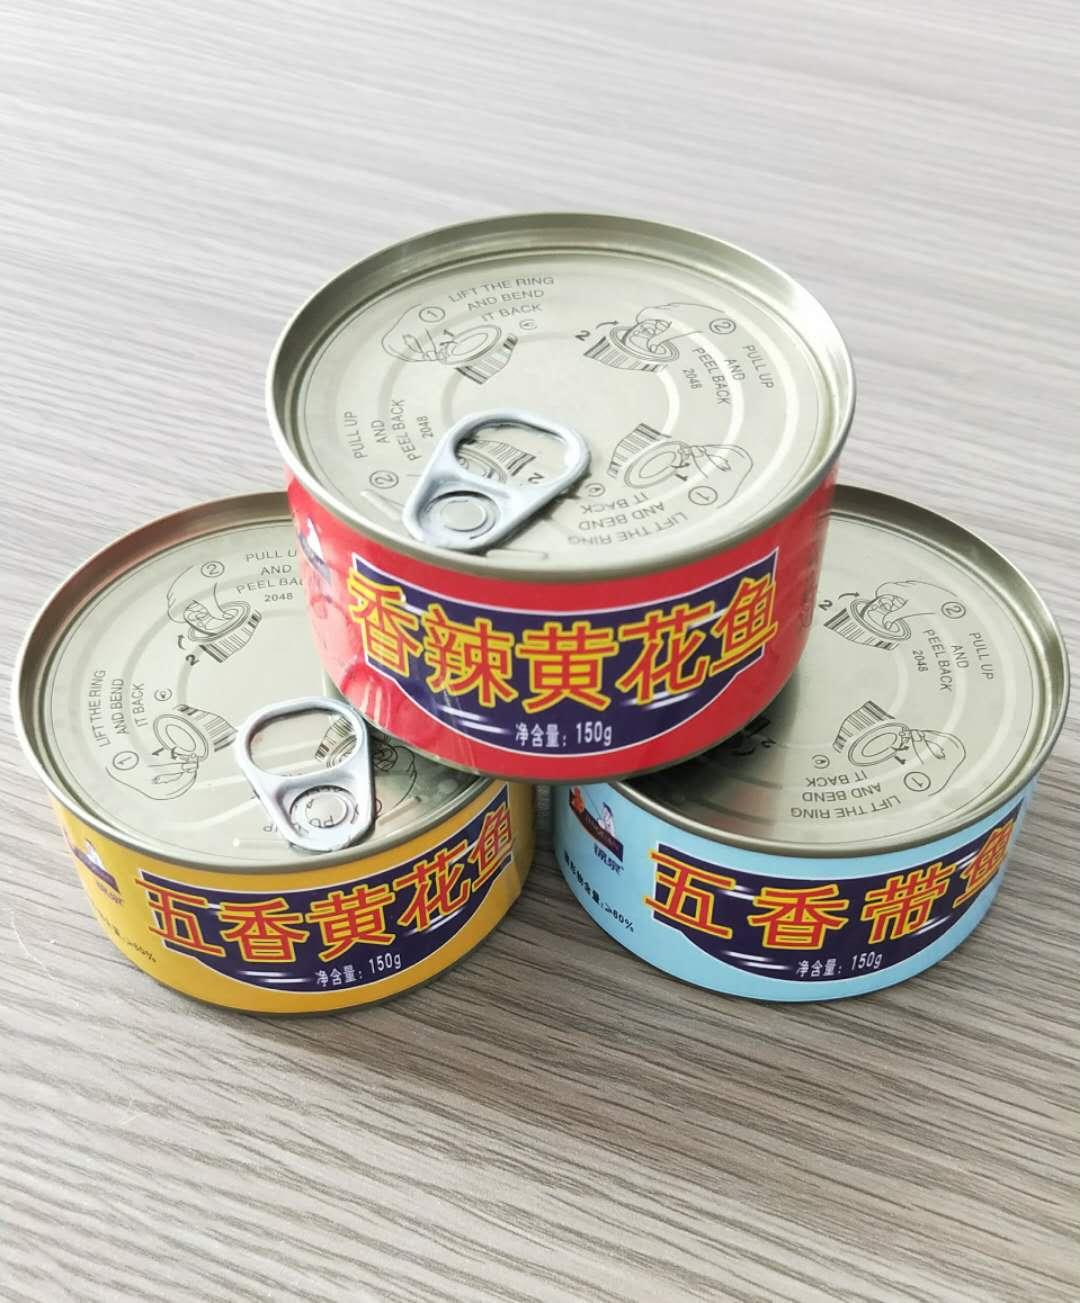 锦泉150g五香带鱼 五香黄花鱼罐头一件OEM代加工罐头休闲即食水产品加工罐头食品